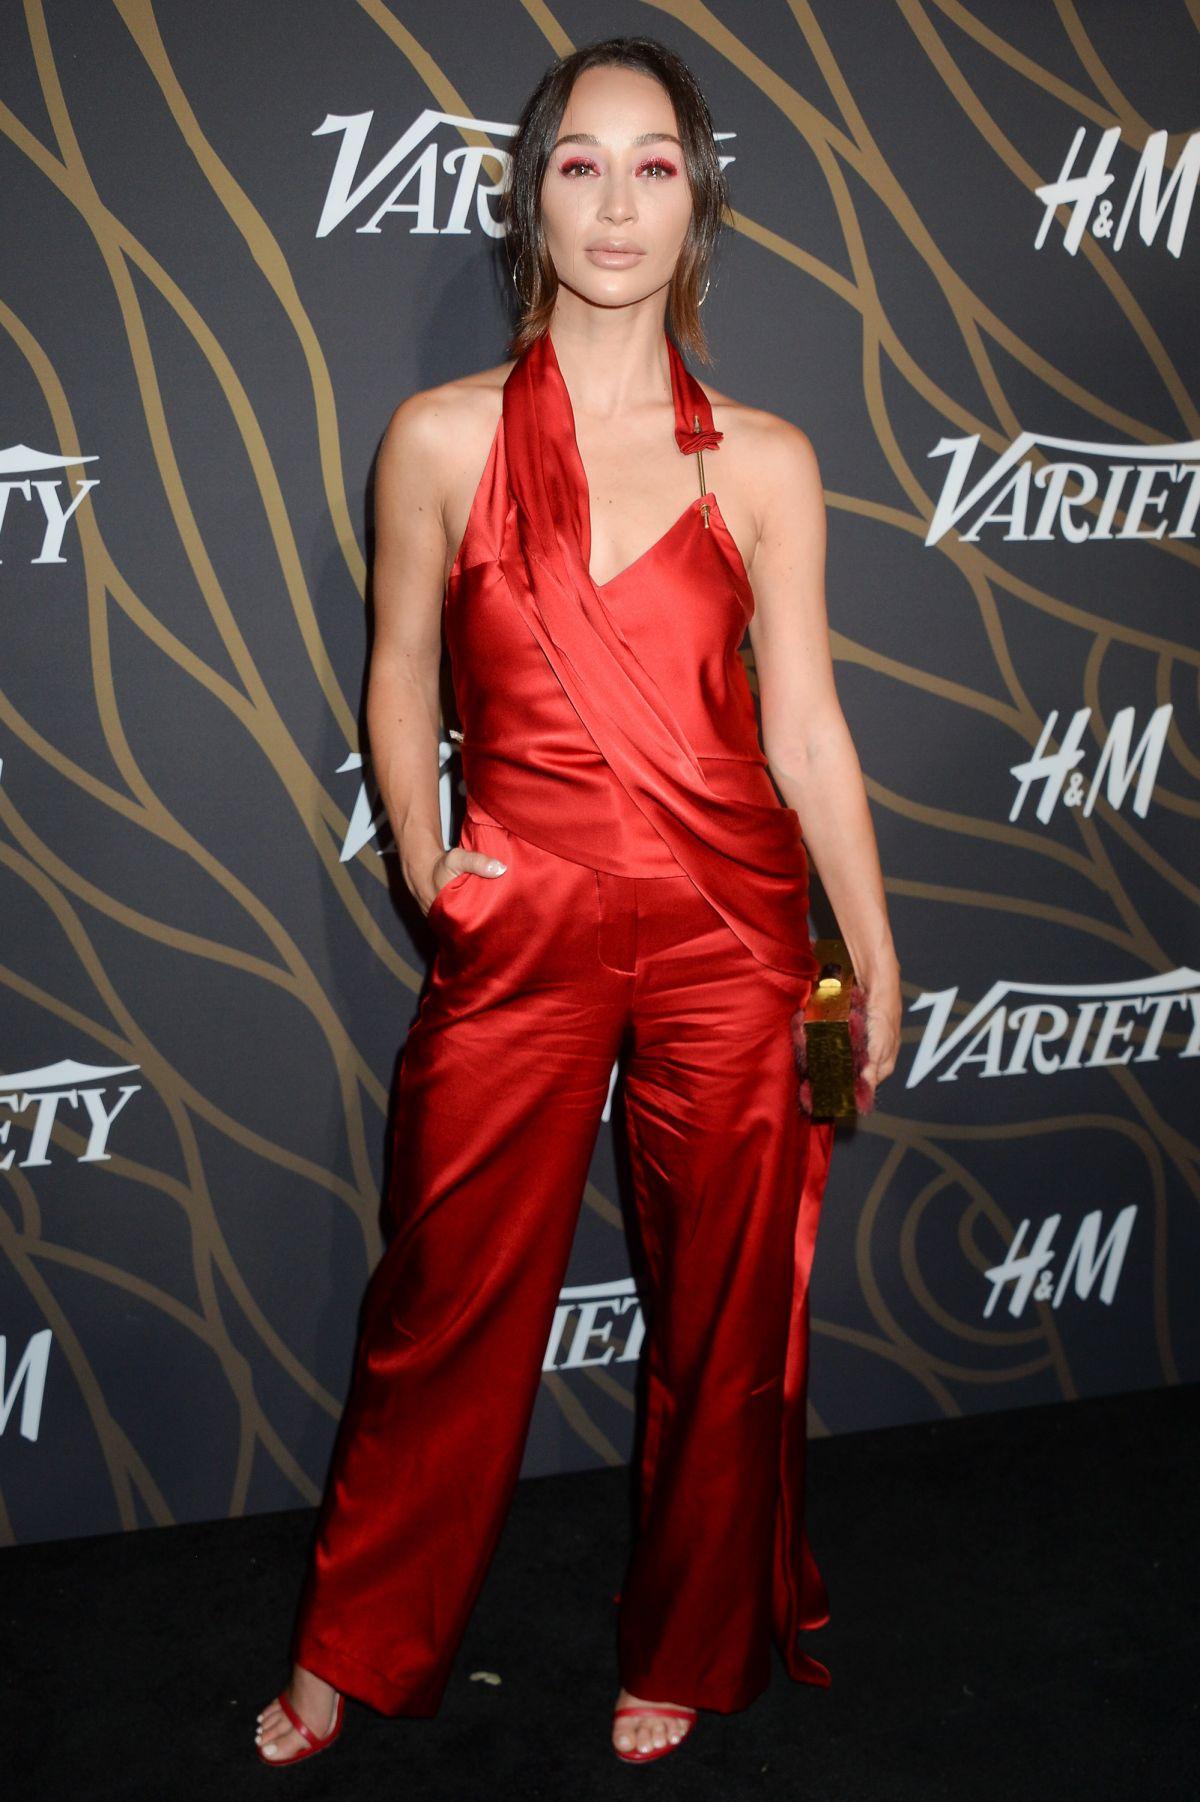 CARA SANTANA at Variety Power of Young Hollywood in Los Angeles 08/08/2017